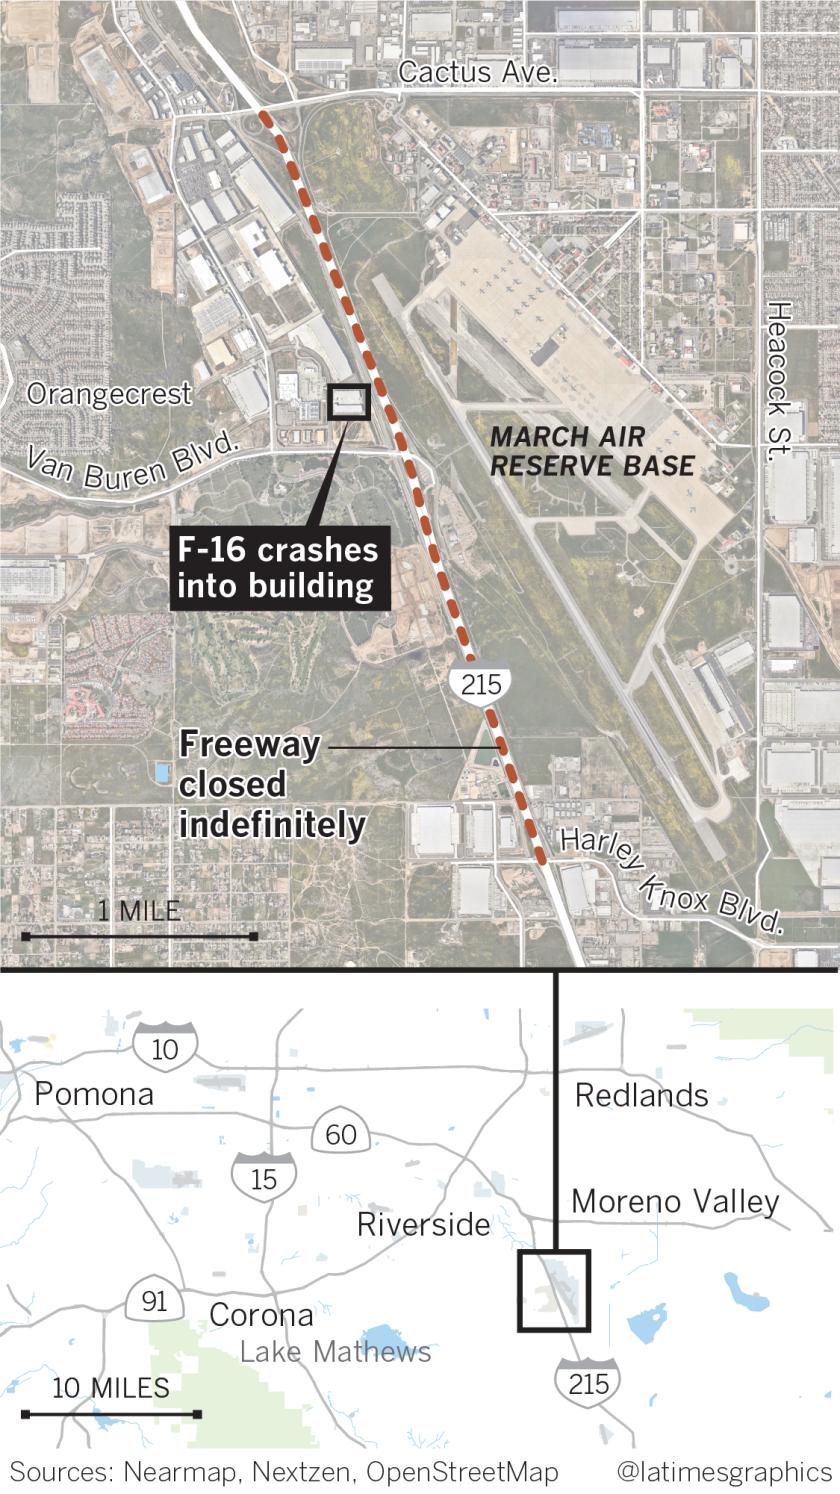 la-me-ln-g-freeway-closure-plane-crash-web-20190517